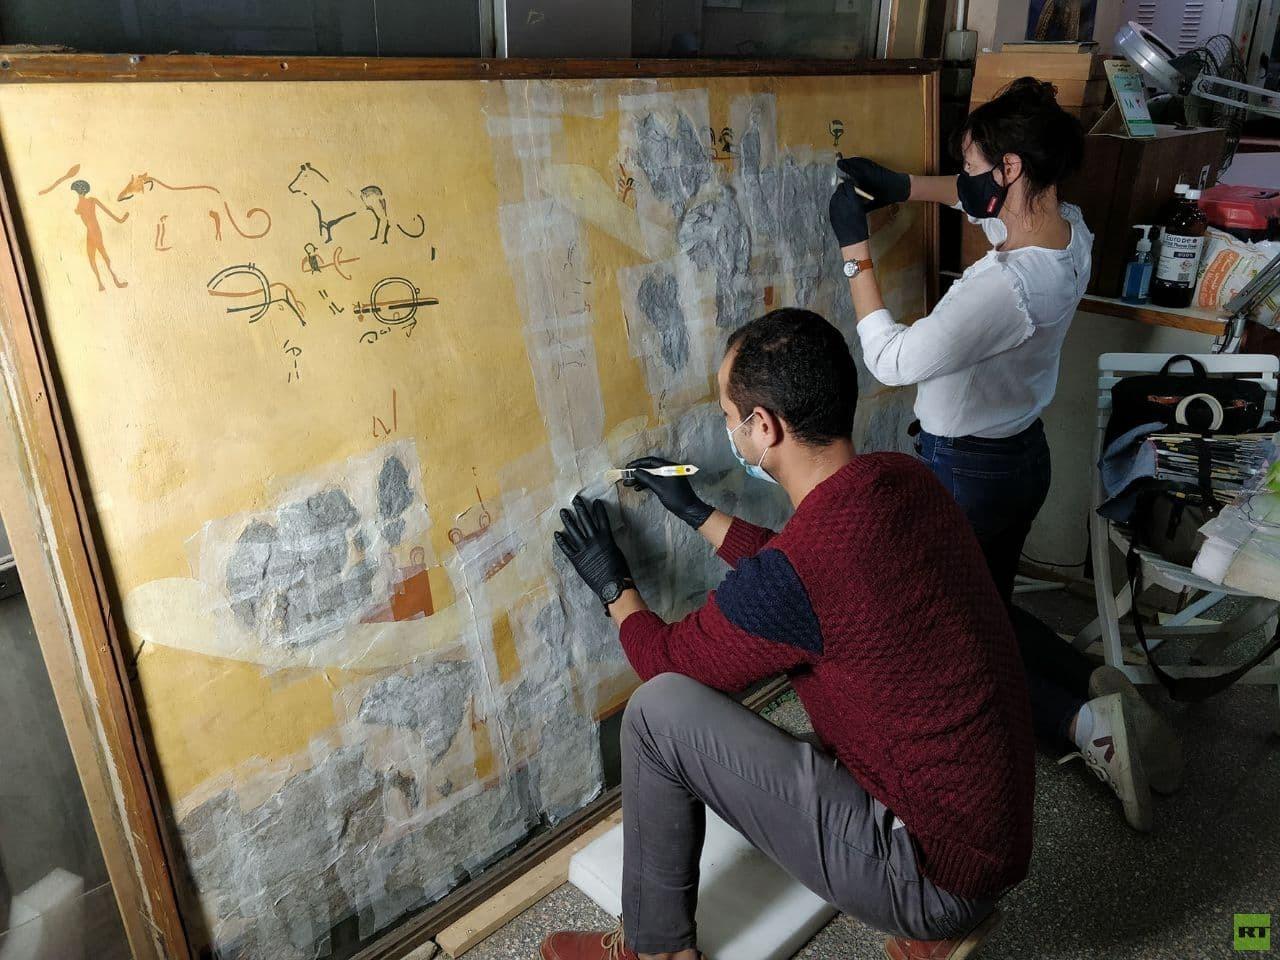 ترميم رسم جداري الخاص بالمقبرة رقم 100 بمنطقة الكوم الأحمر والموجودة بالمتحف المصري بالتحرير